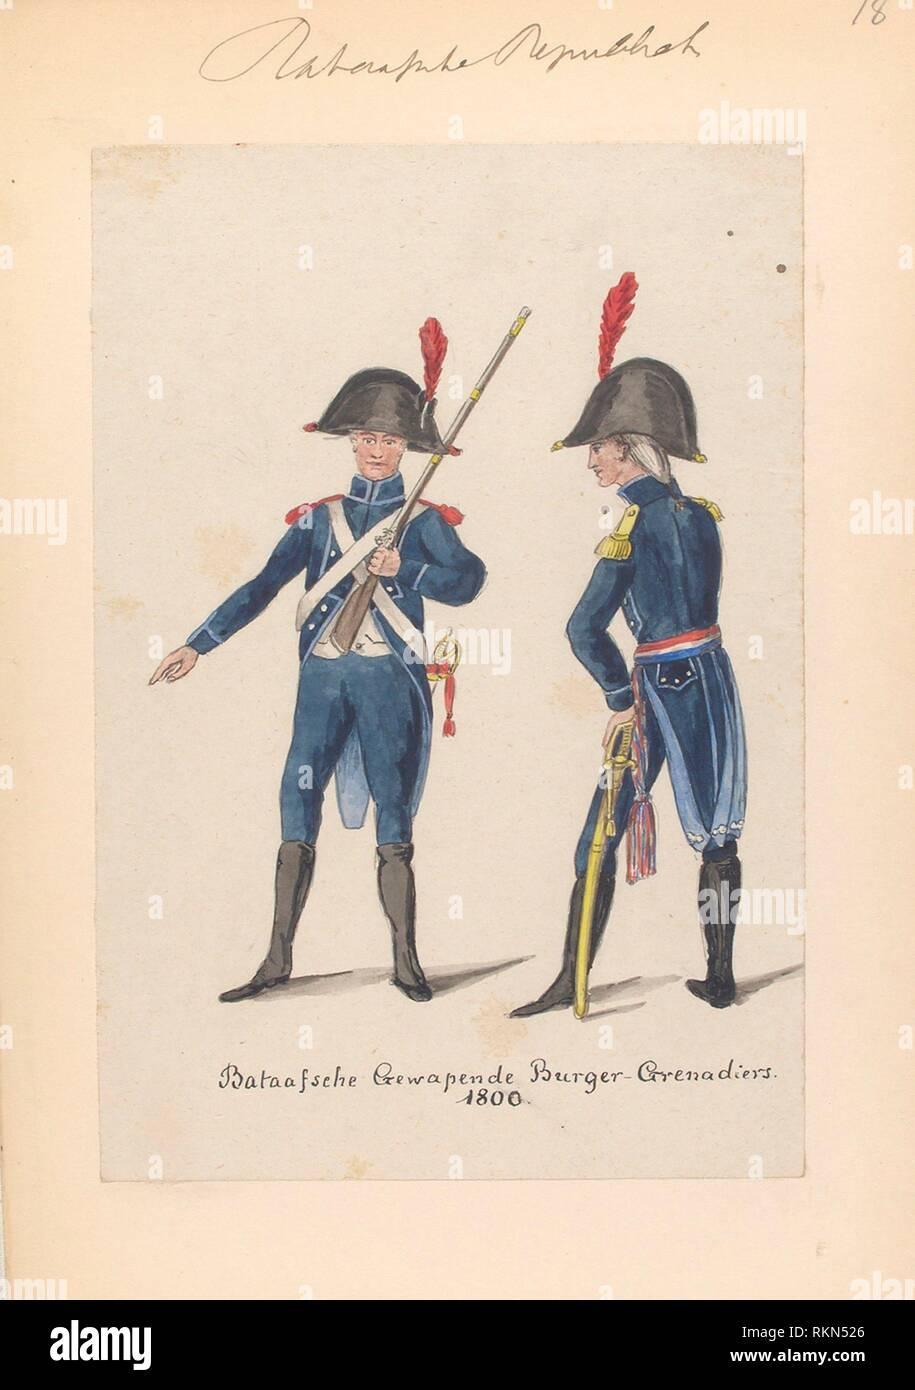 Bataafsche Republiek. Bataafsche Gewapende Burger-Grenadiers. Vinkhuijzen, Hendrik Jacobus (Collector). The Vinkhuijzen collection of military - Stock Image